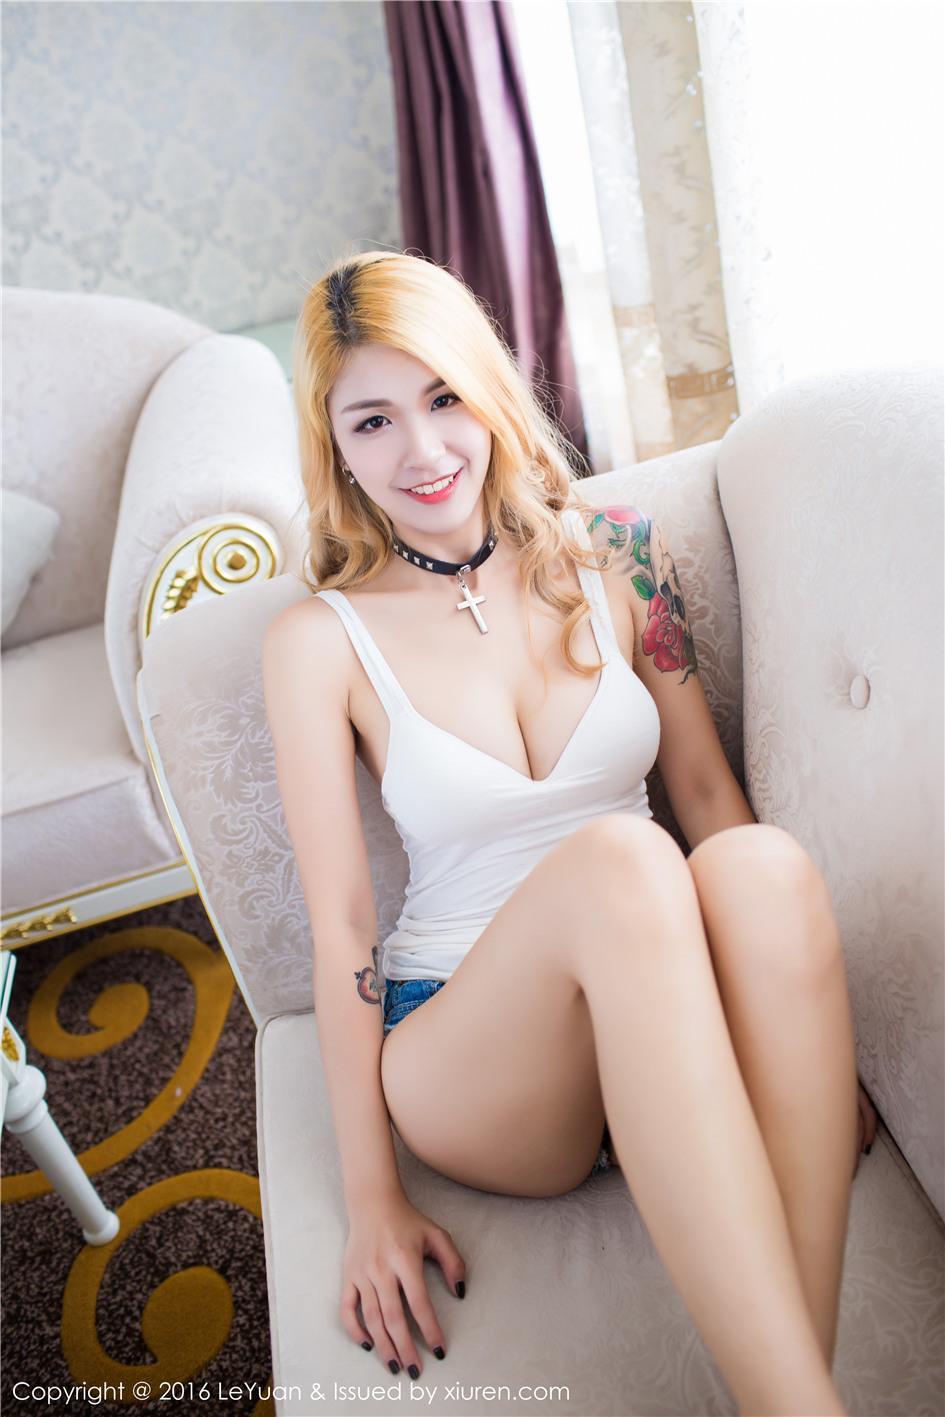 【星乐园】【酸酱兔】 纹身爆乳女郎酸酱兔性感沙发私房照片 VOL.015【24P】 写真集